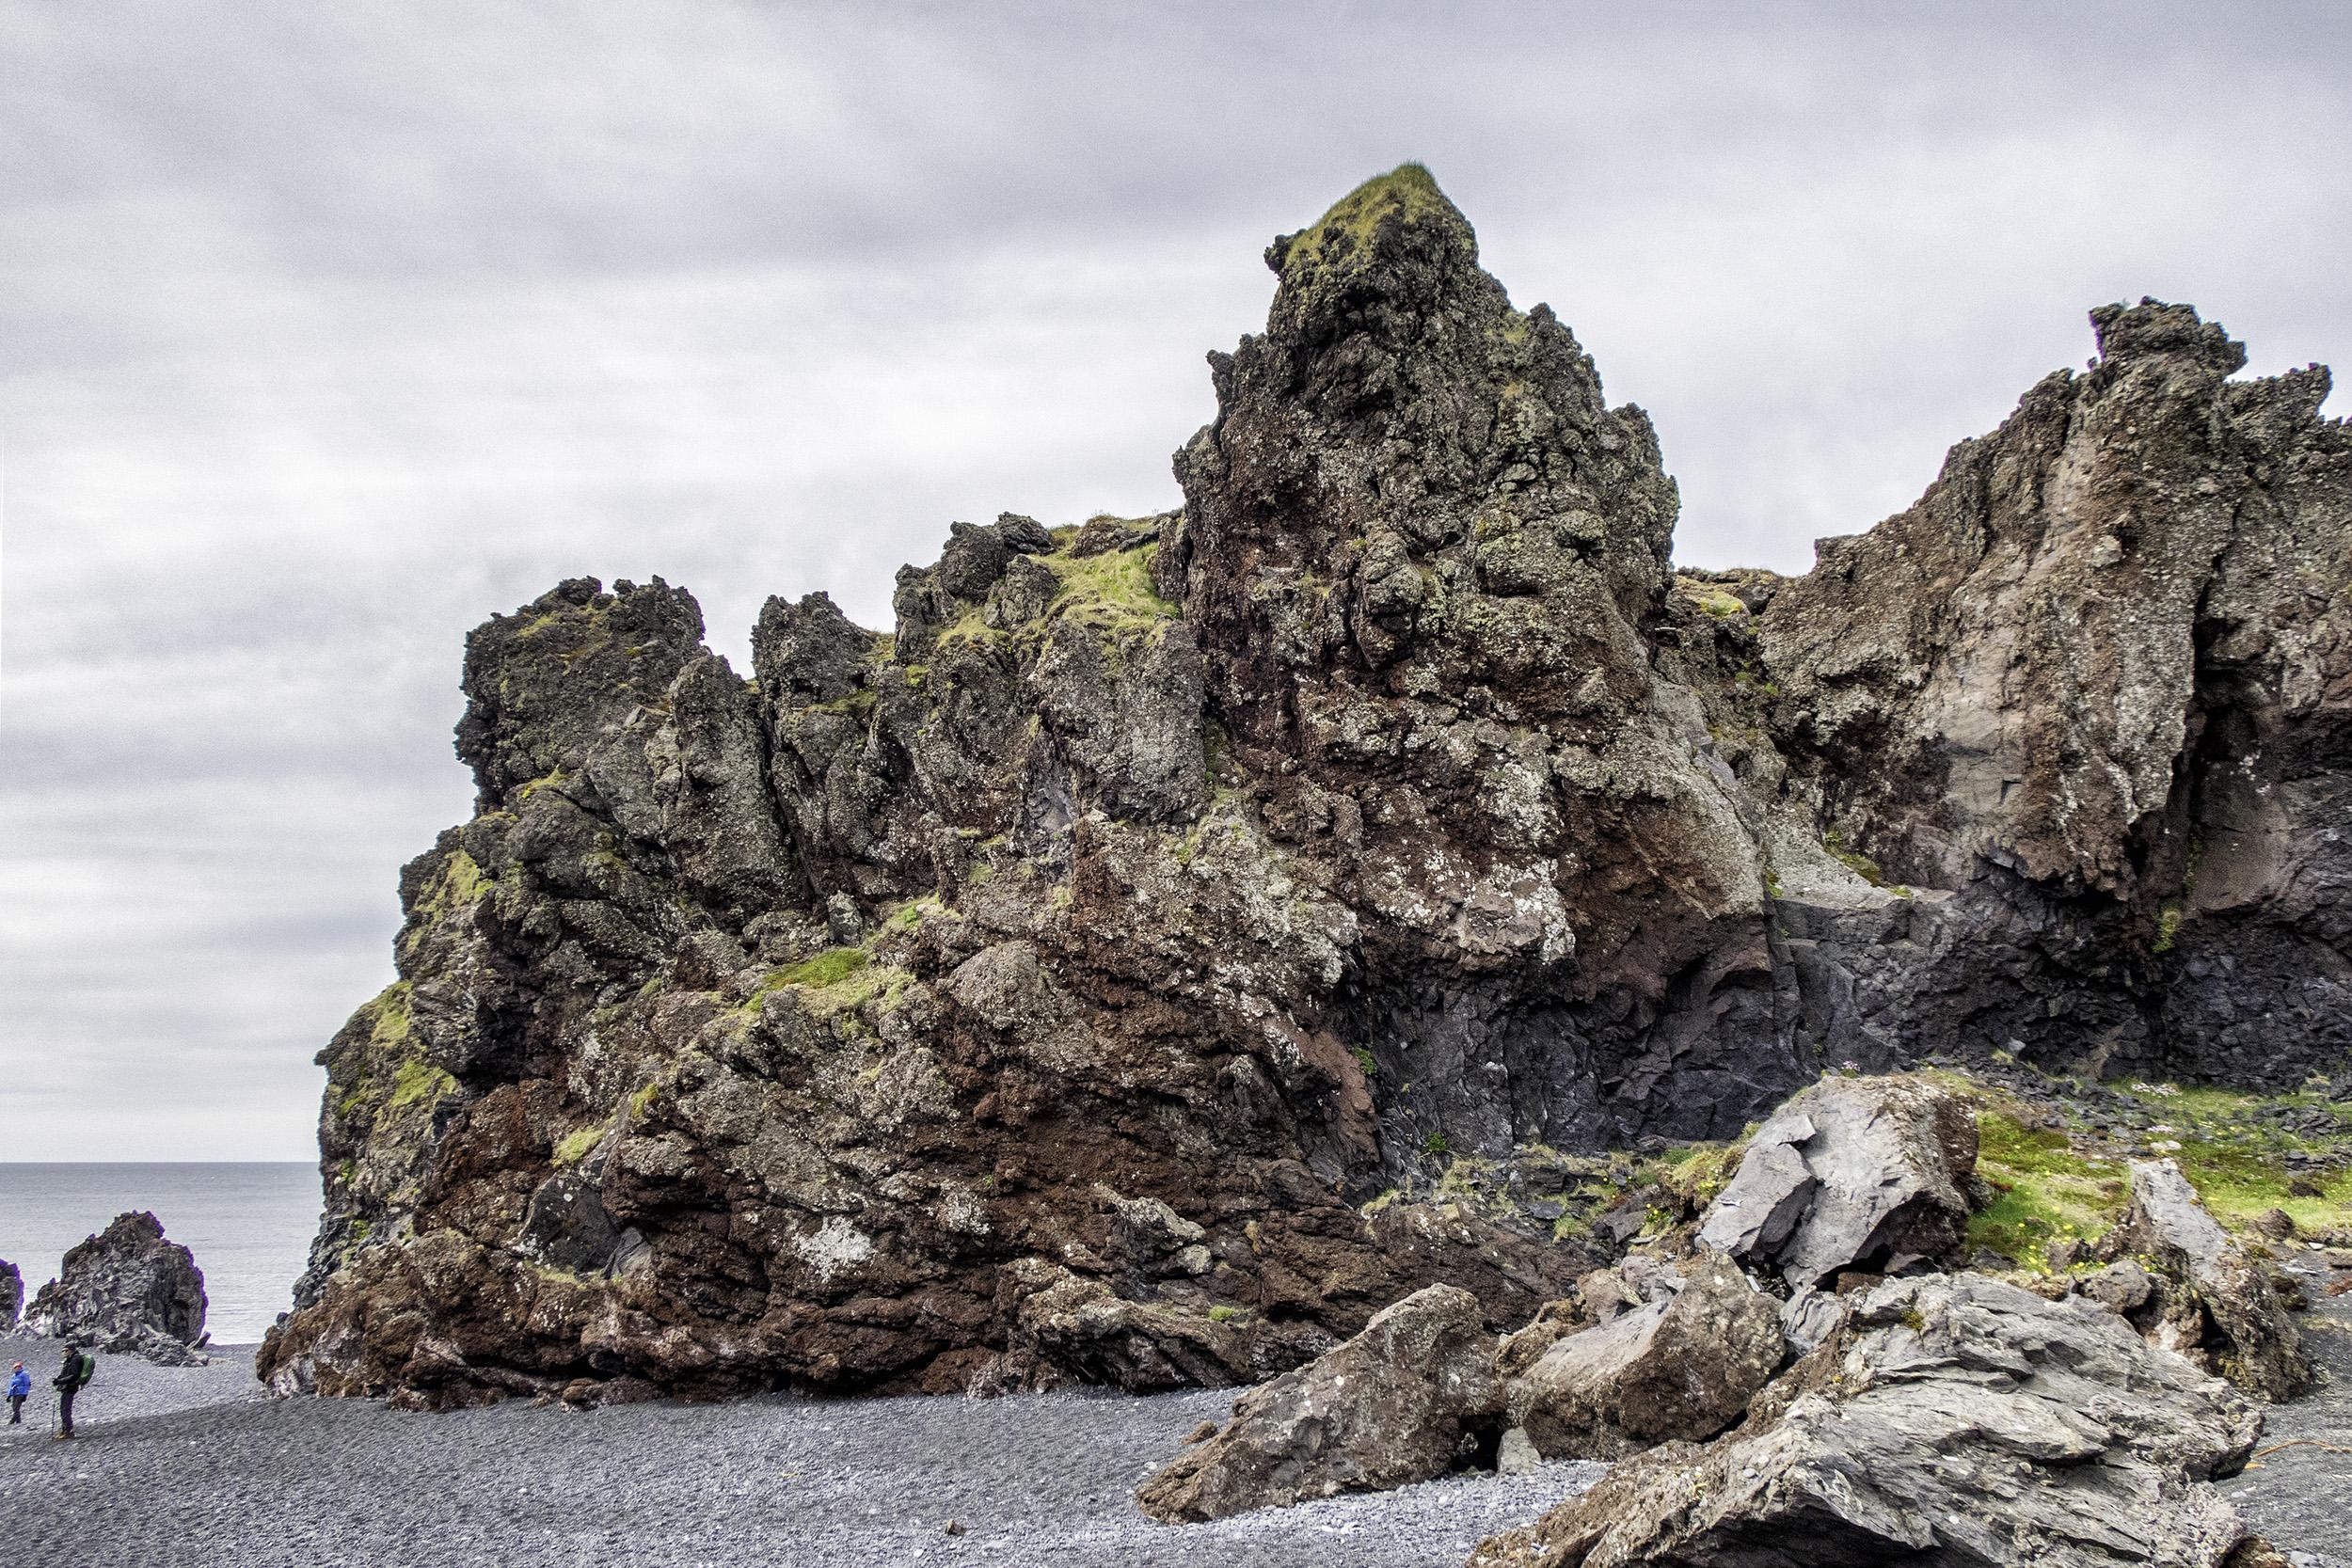 Volcanic Formations at Dritvik Djúpalónssandur